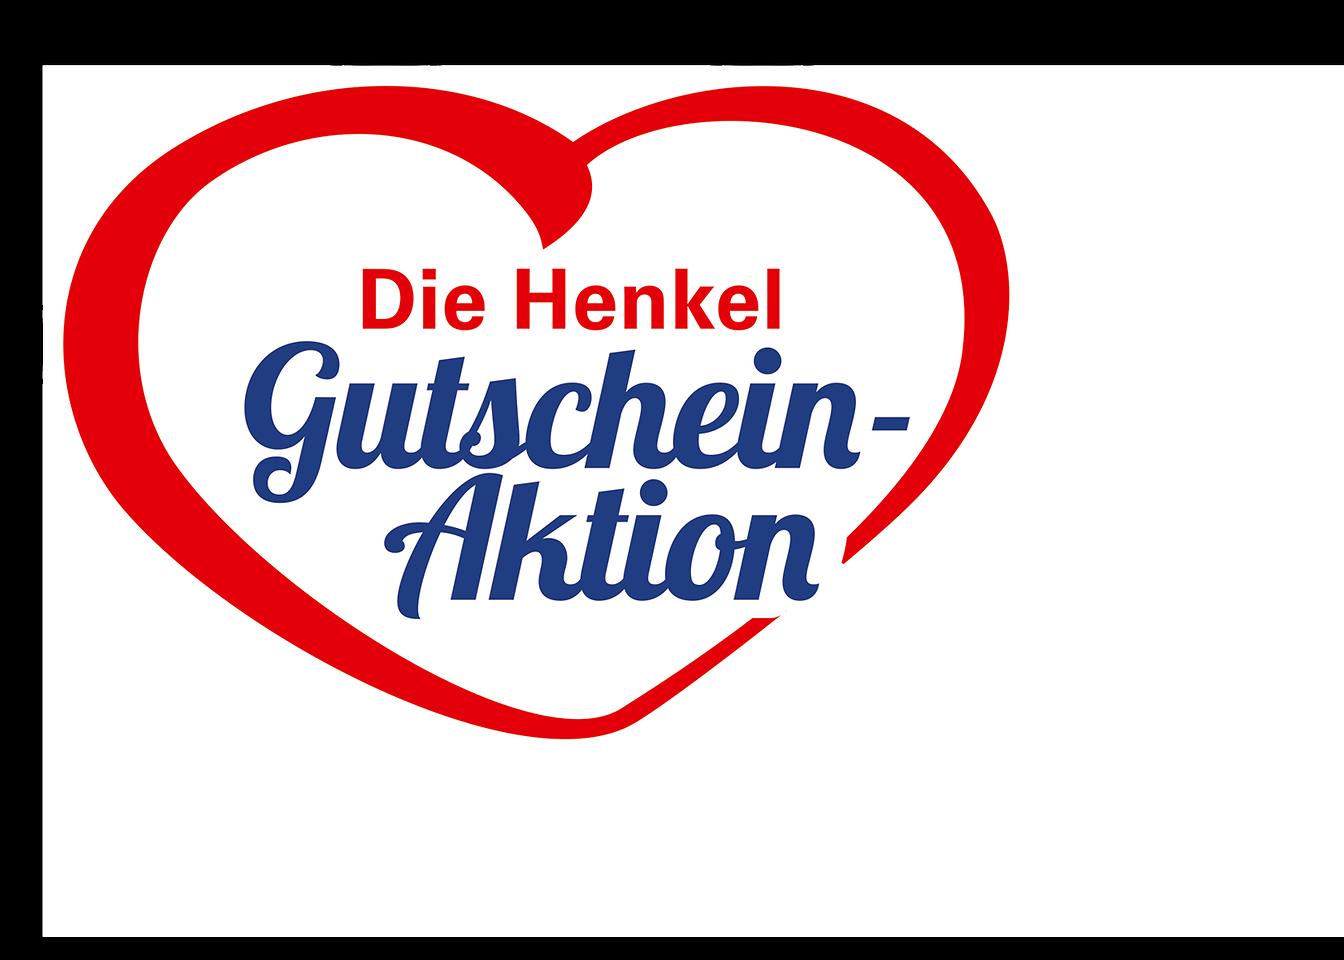 Henkel Gutschein-Aktion